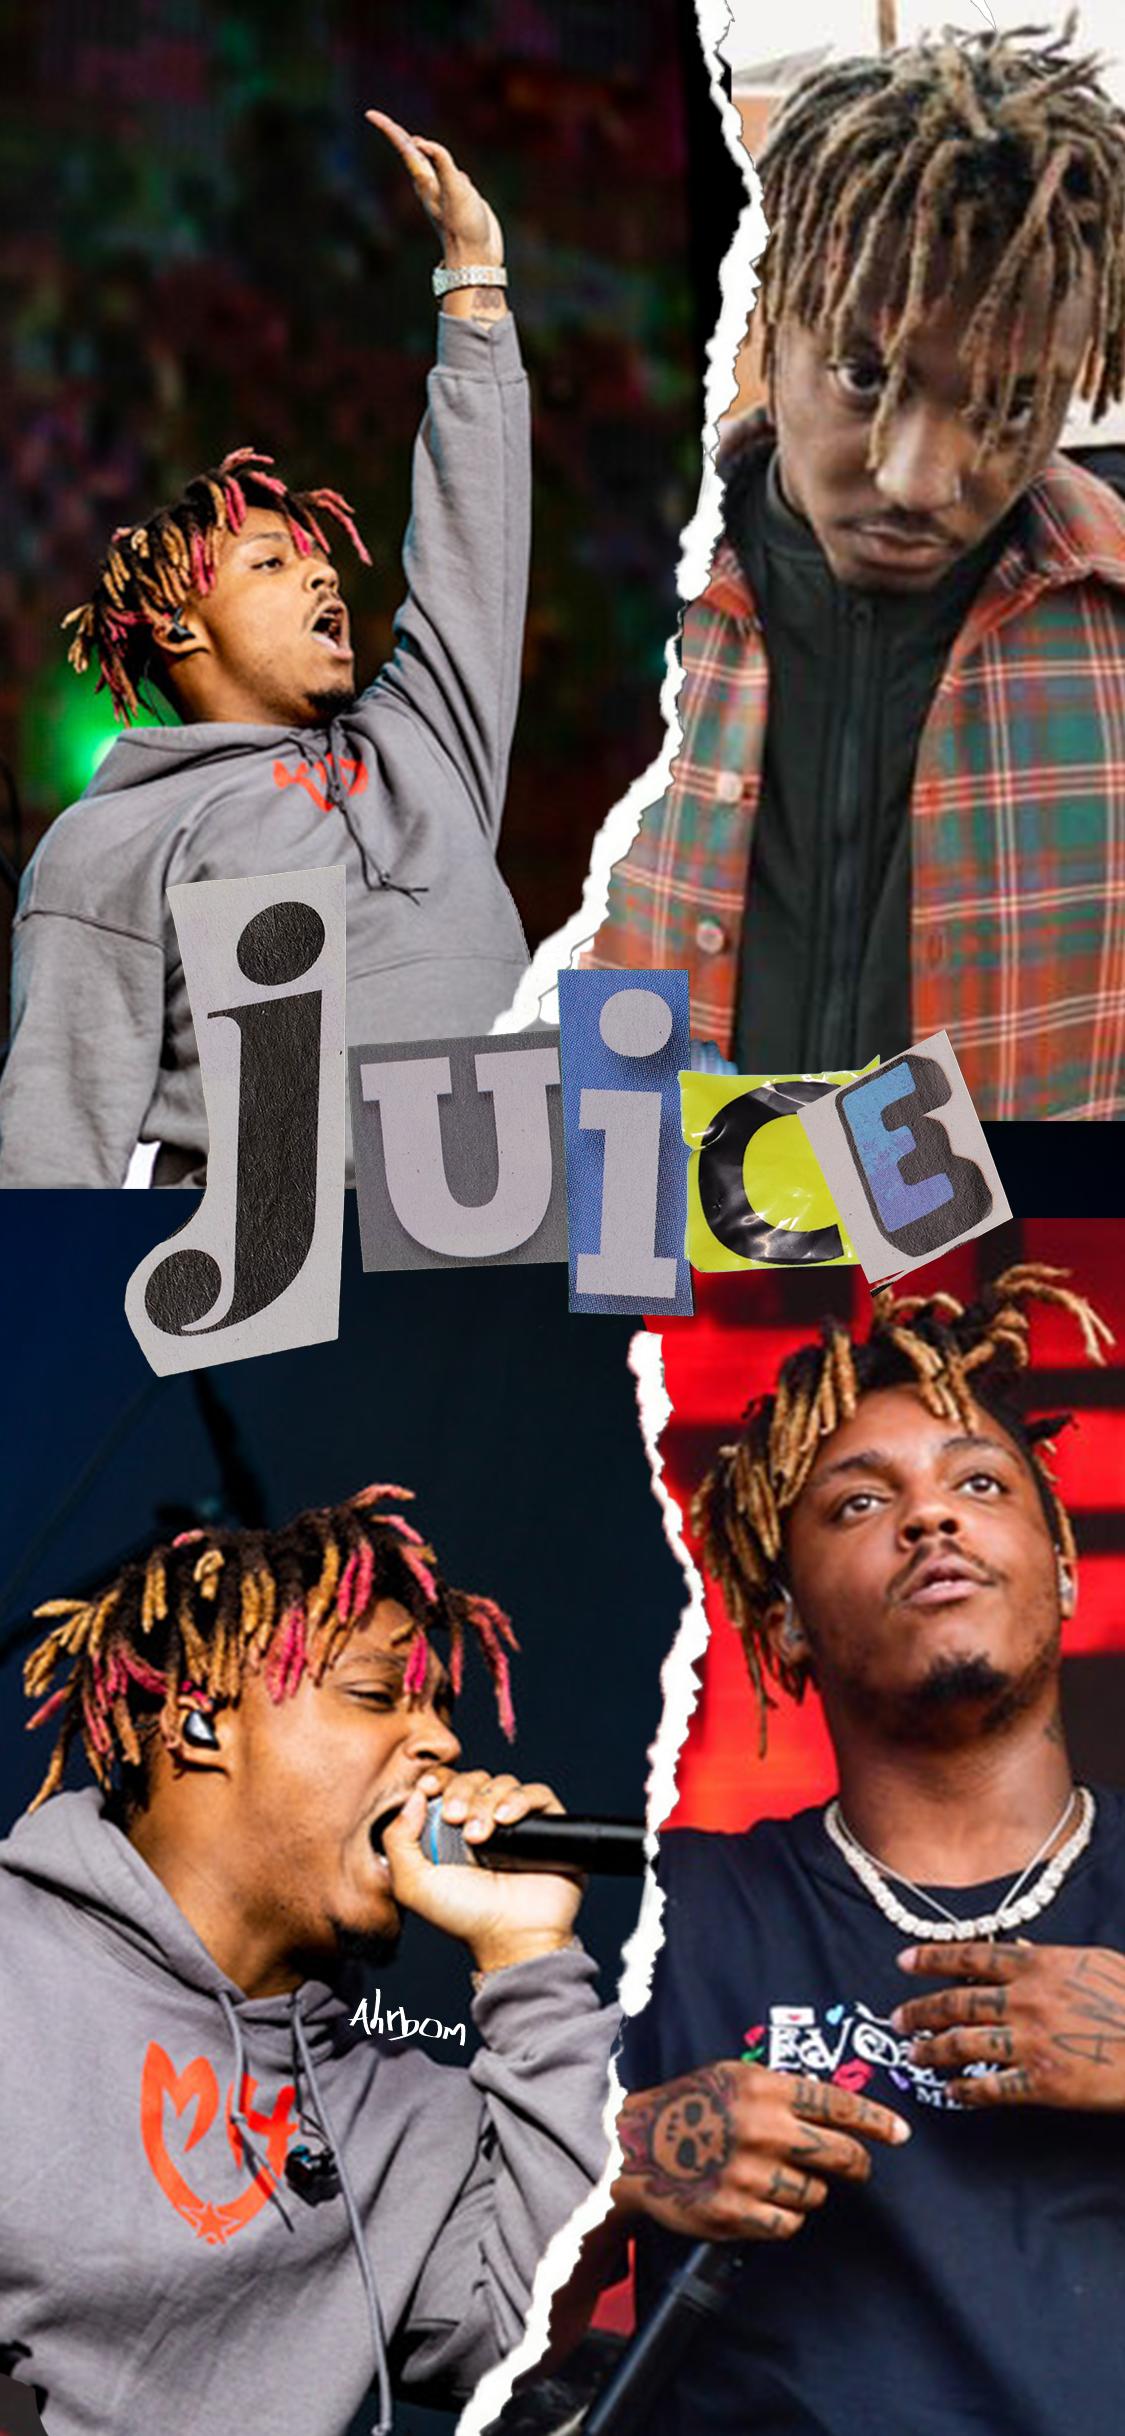 Juice WRLD wallpaper by ahrbom in 2020 Juice rapper